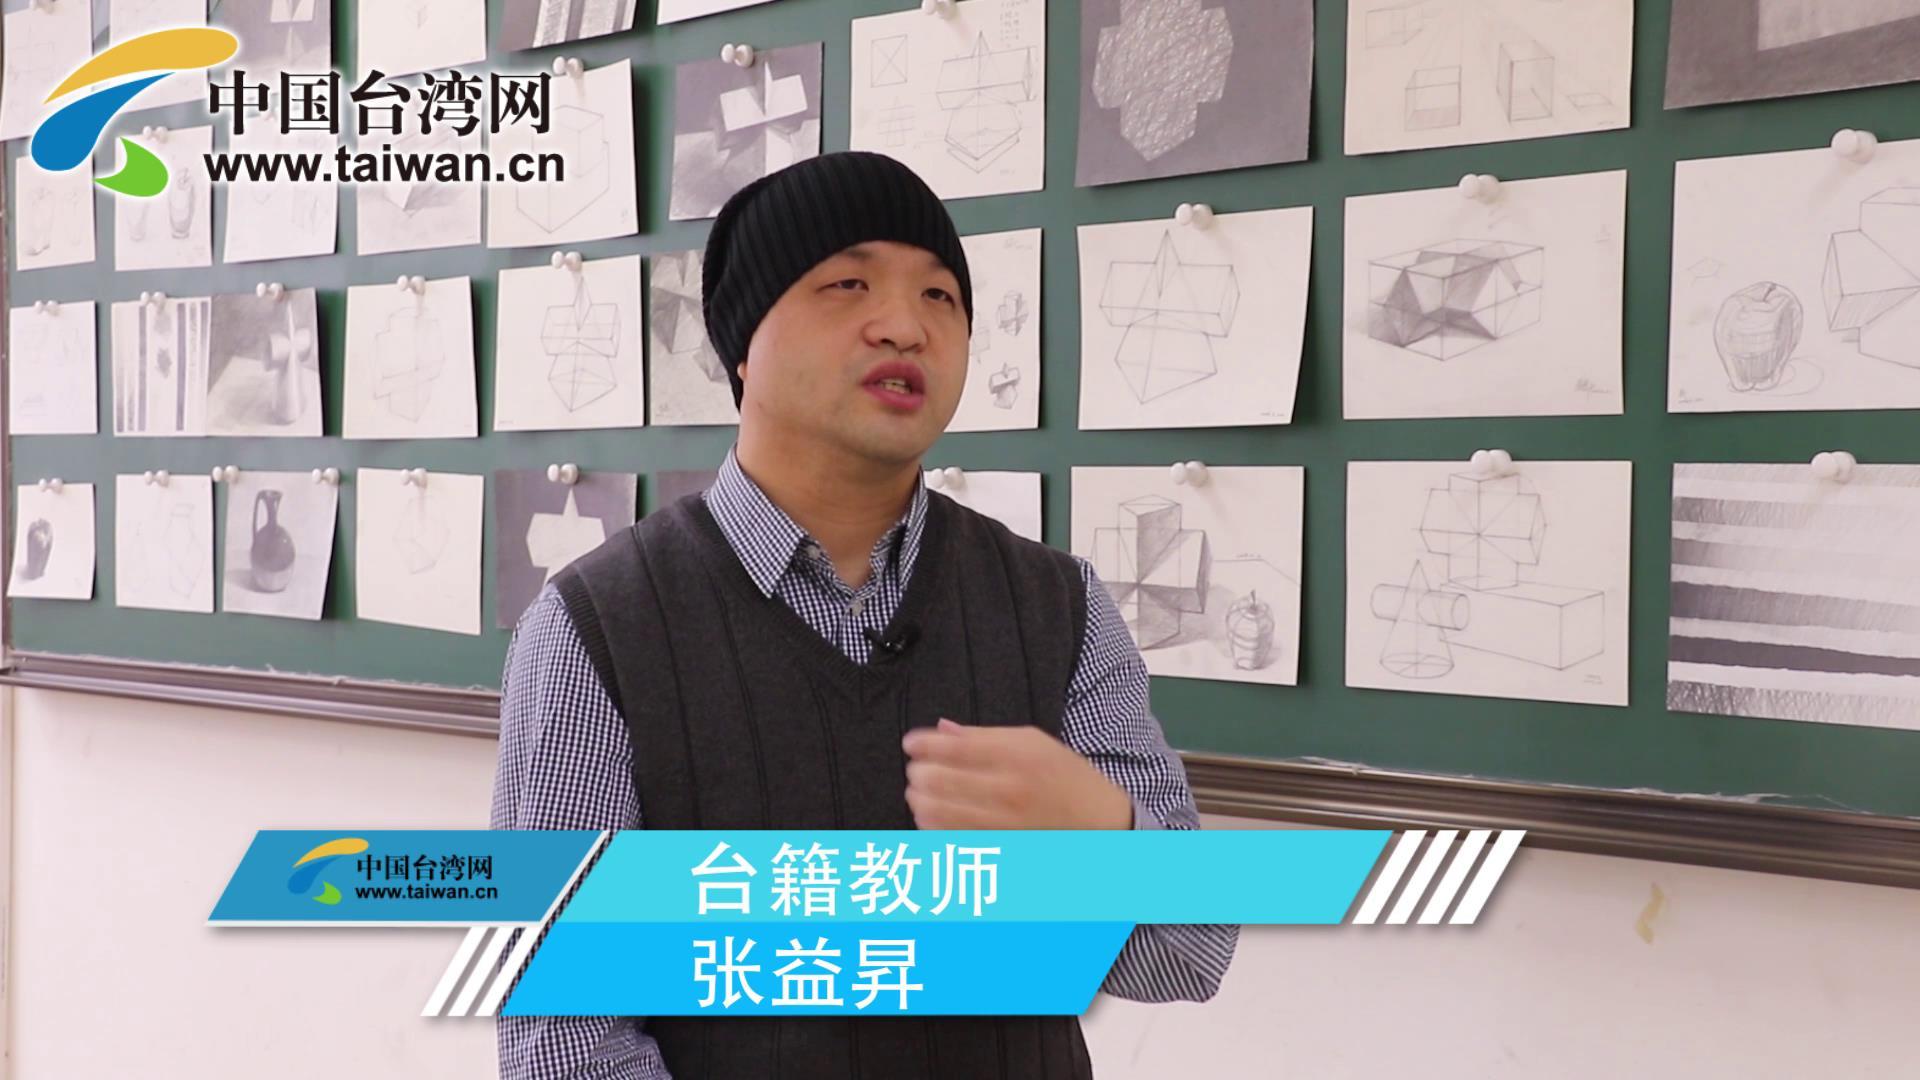 台籍教师建议:两岸青年交流要放下成见图片